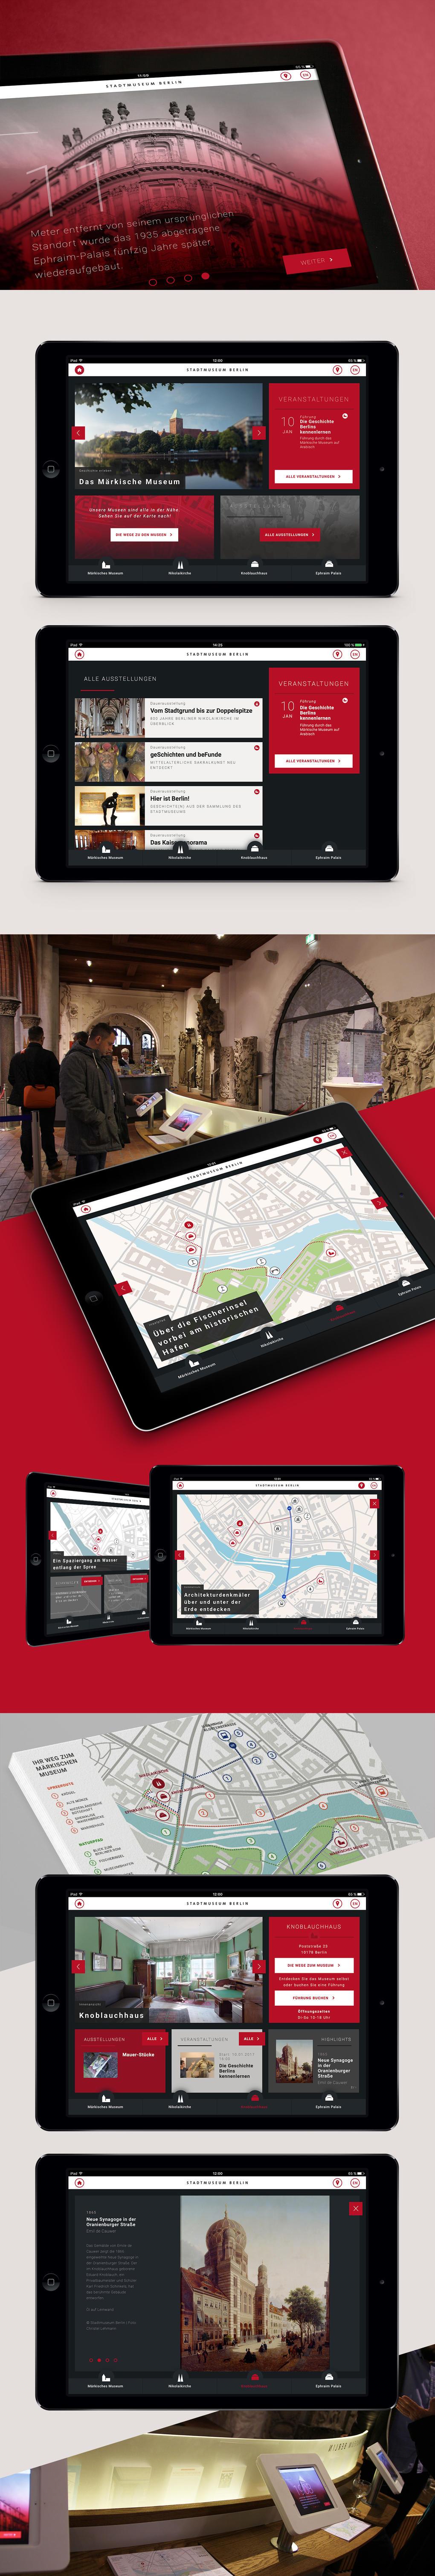 Projektaufbereitung für die Tablet-Anwendung in der Nikolaikirche Berlin